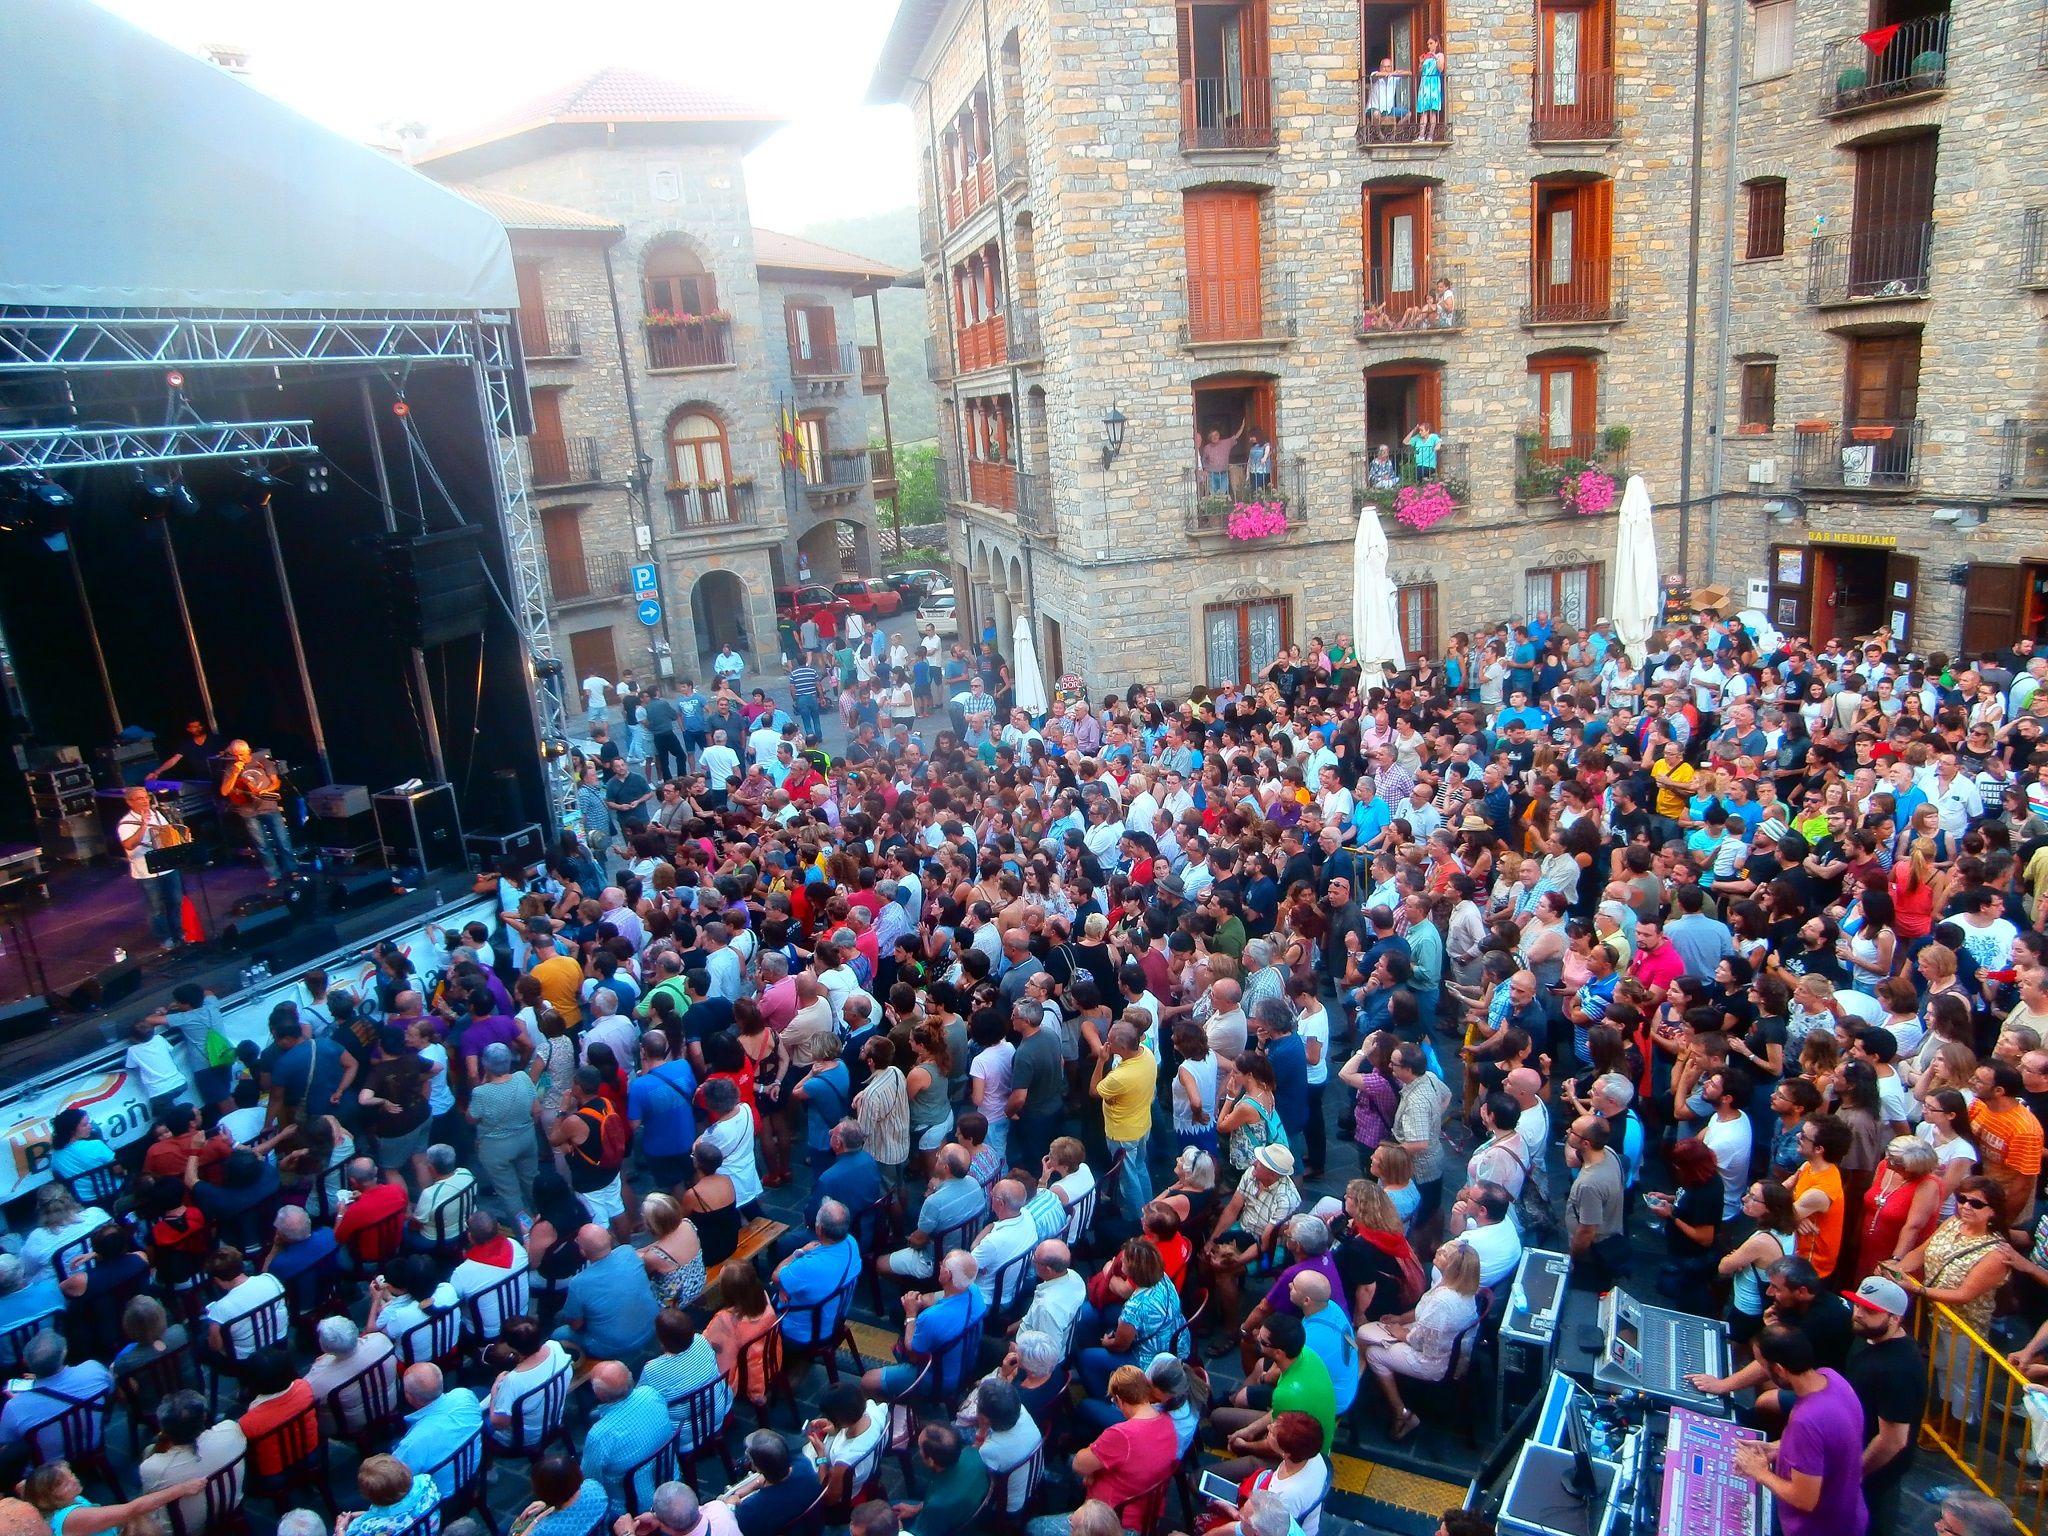 La Ronda de Boltaña en la Plaza Mayor de Boltaña en su 25 aniversario. Foto: SobrarbeDigital.